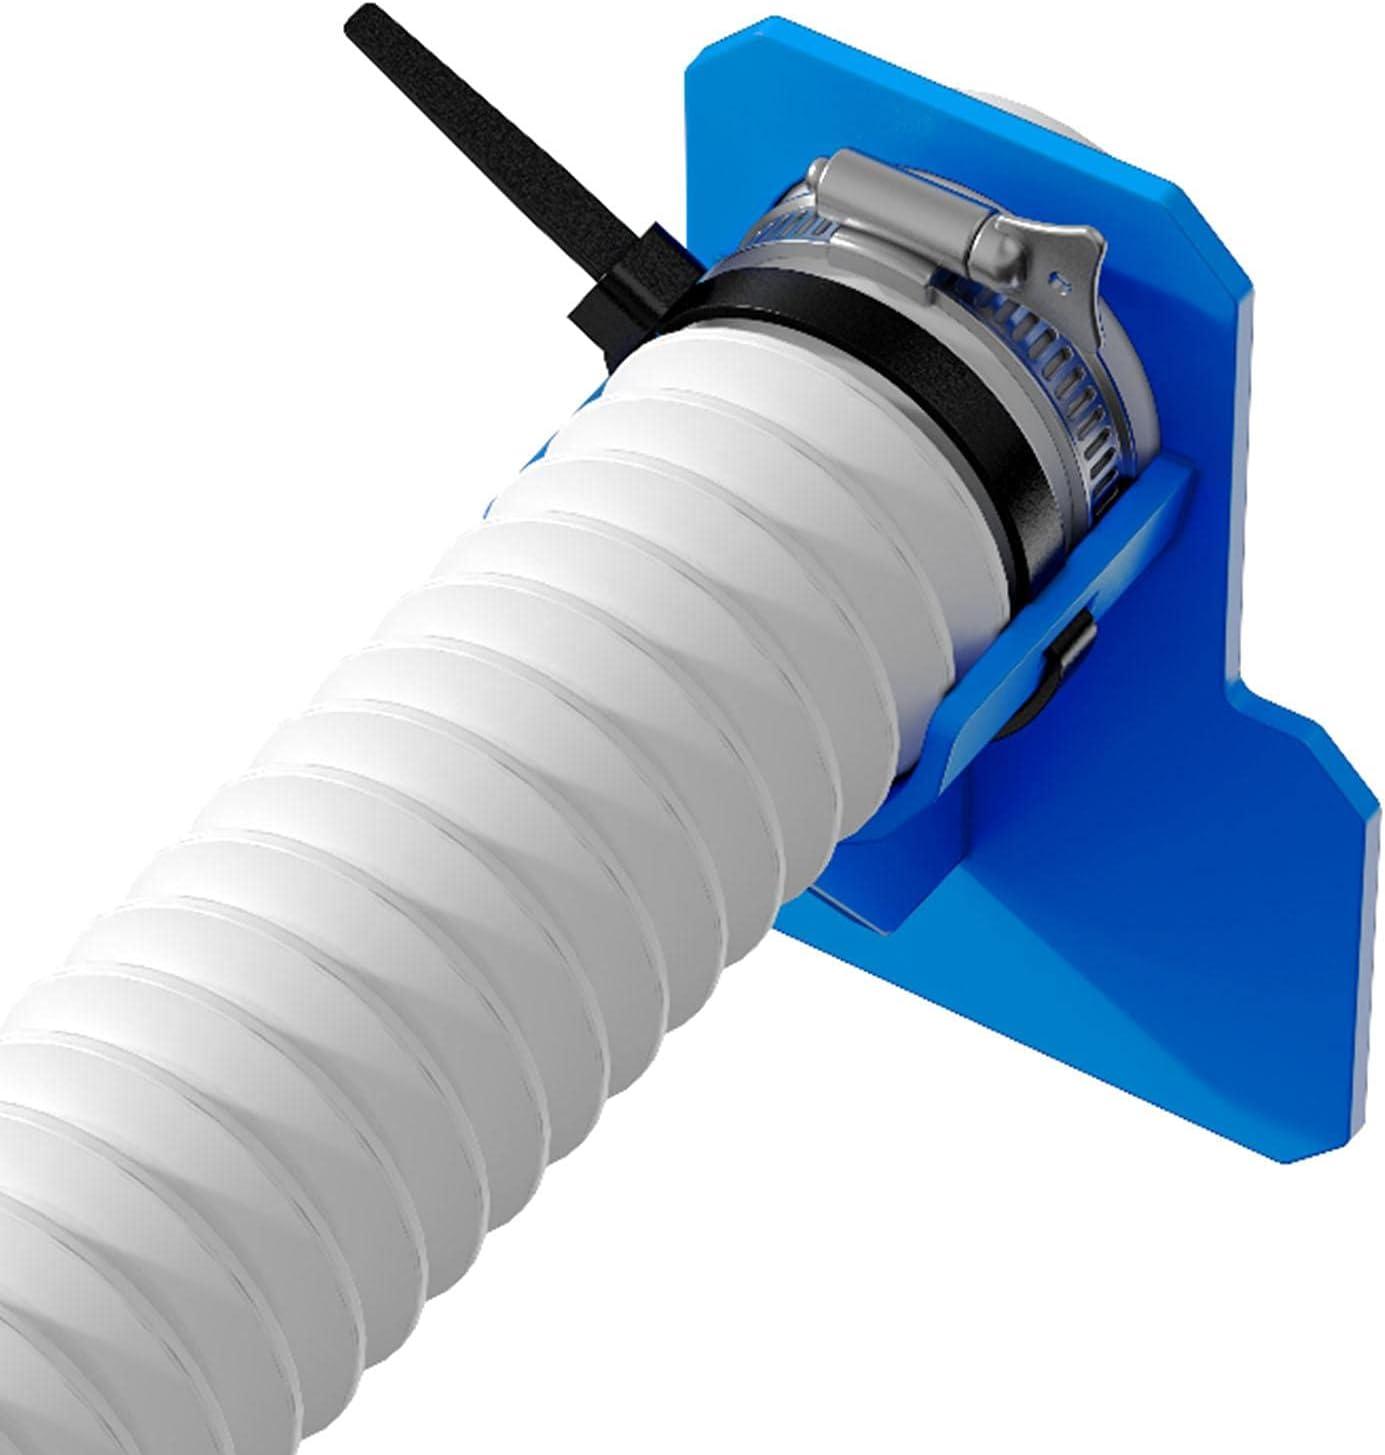 KUNMEI Soporte para Manguera de Agua, Soporte para Tubo De Piscina para 30-37 mm / 12-14,8 Pulgadas, Accesorios para Piscina Antipinchazos, Antidesgarro Y Antiestiramiento